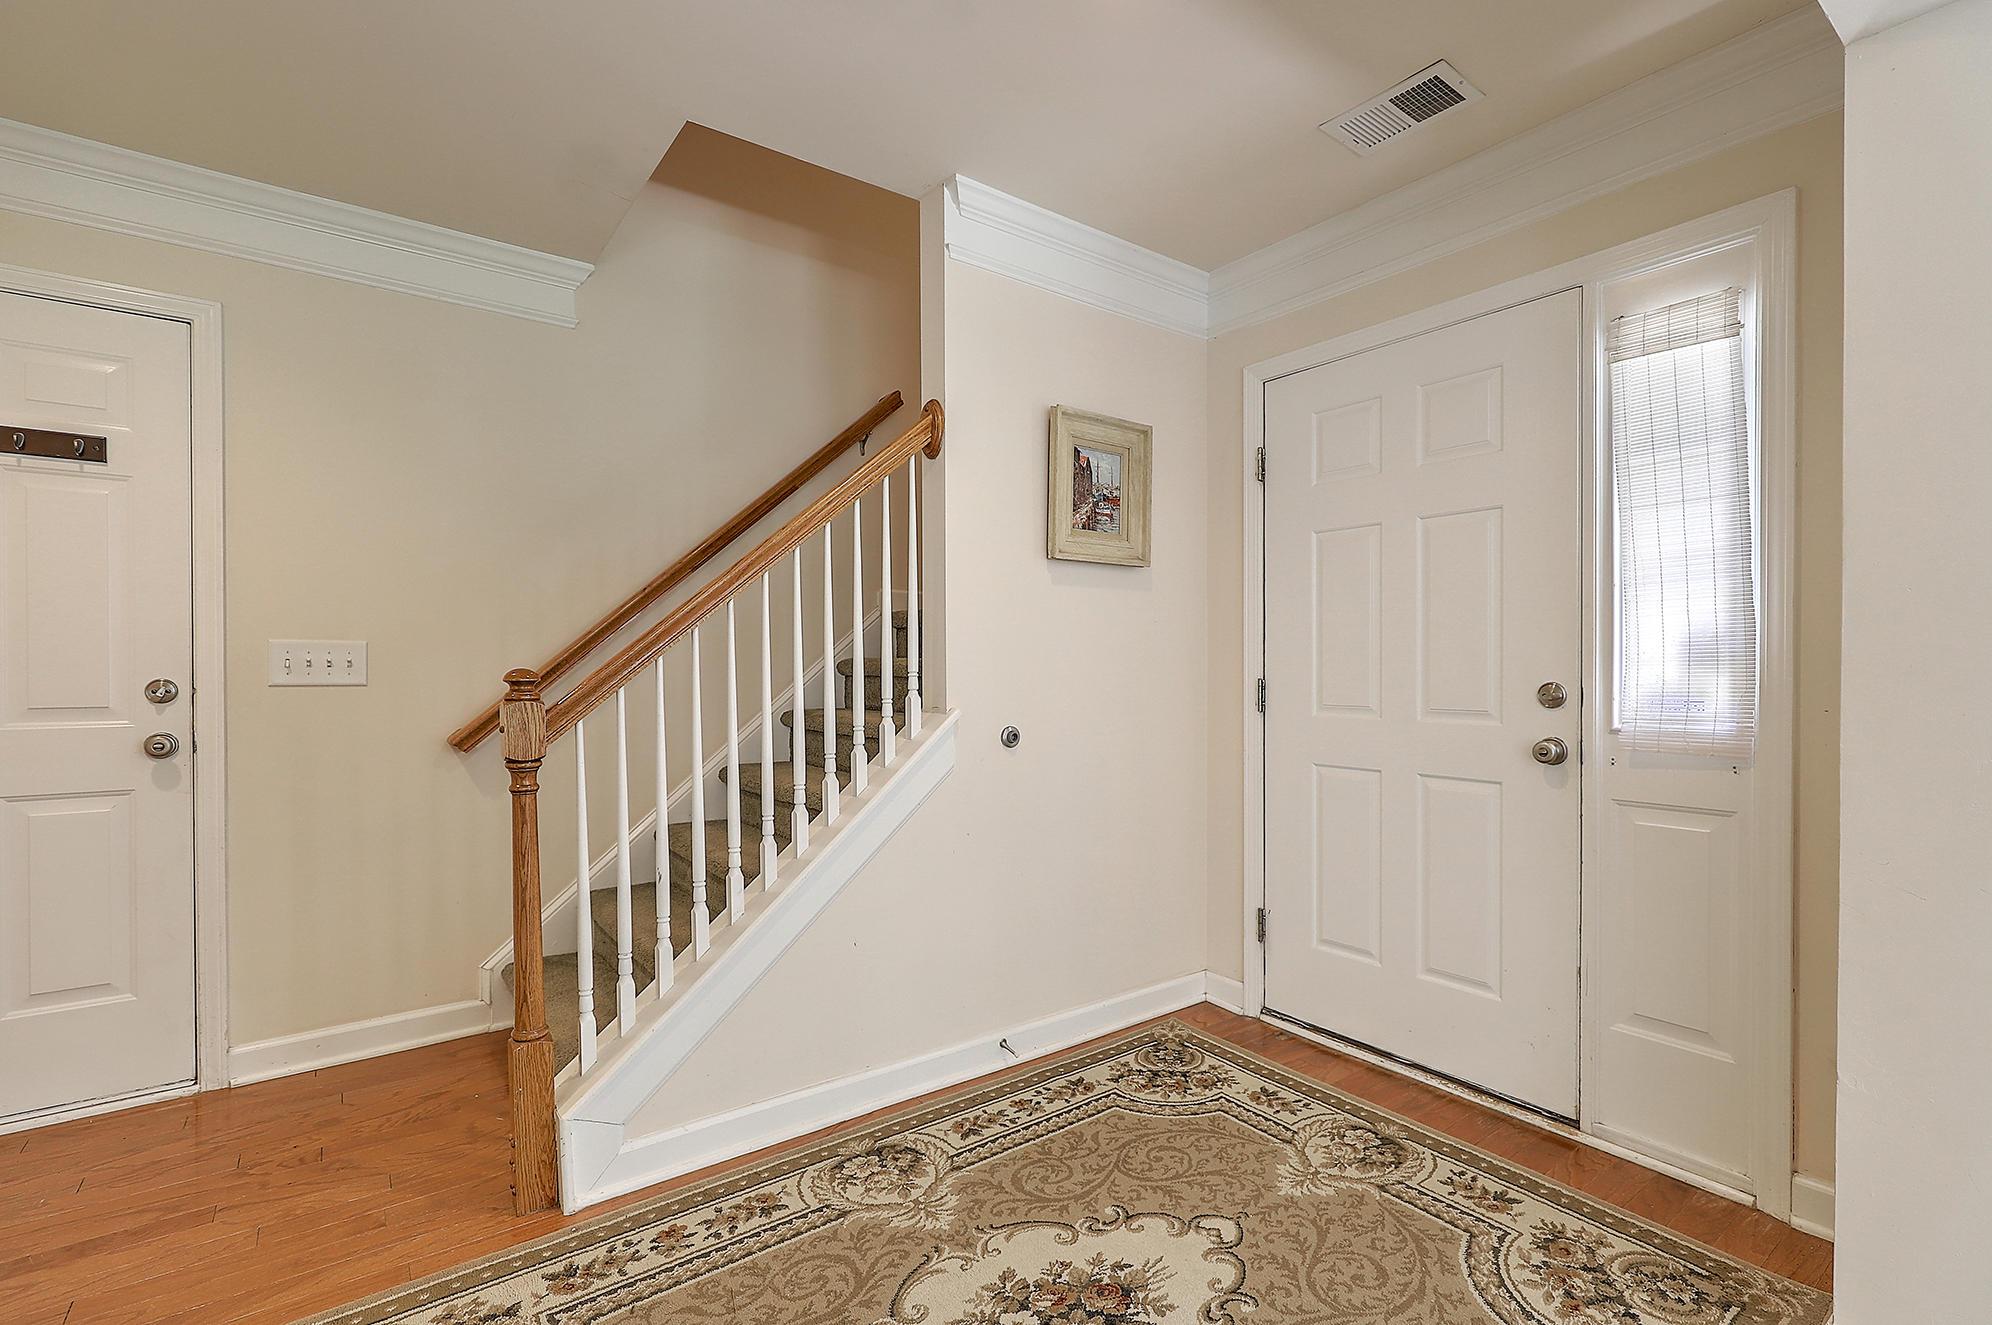 Kensington at Park West Homes For Sale - 3521 Claremont, Mount Pleasant, SC - 37